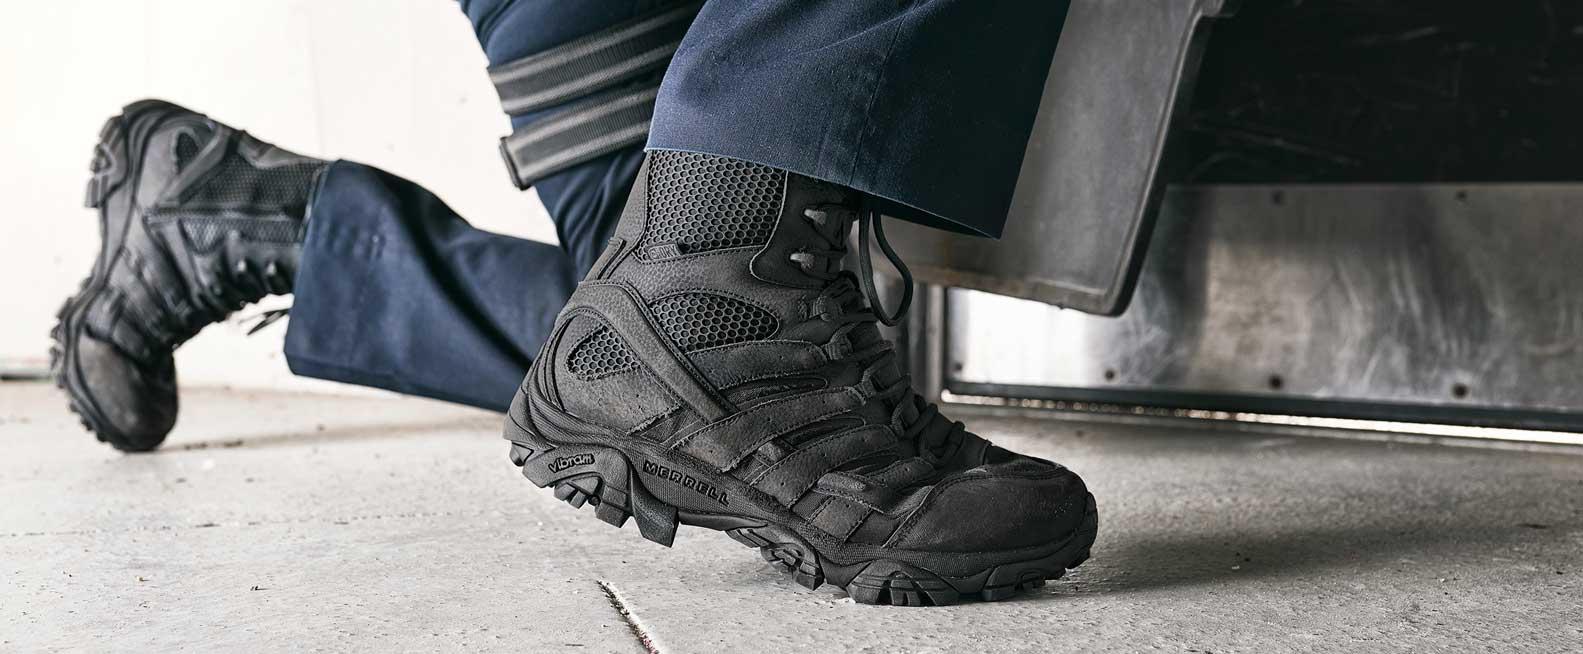 Men's Black Tactical Boots | Merrell